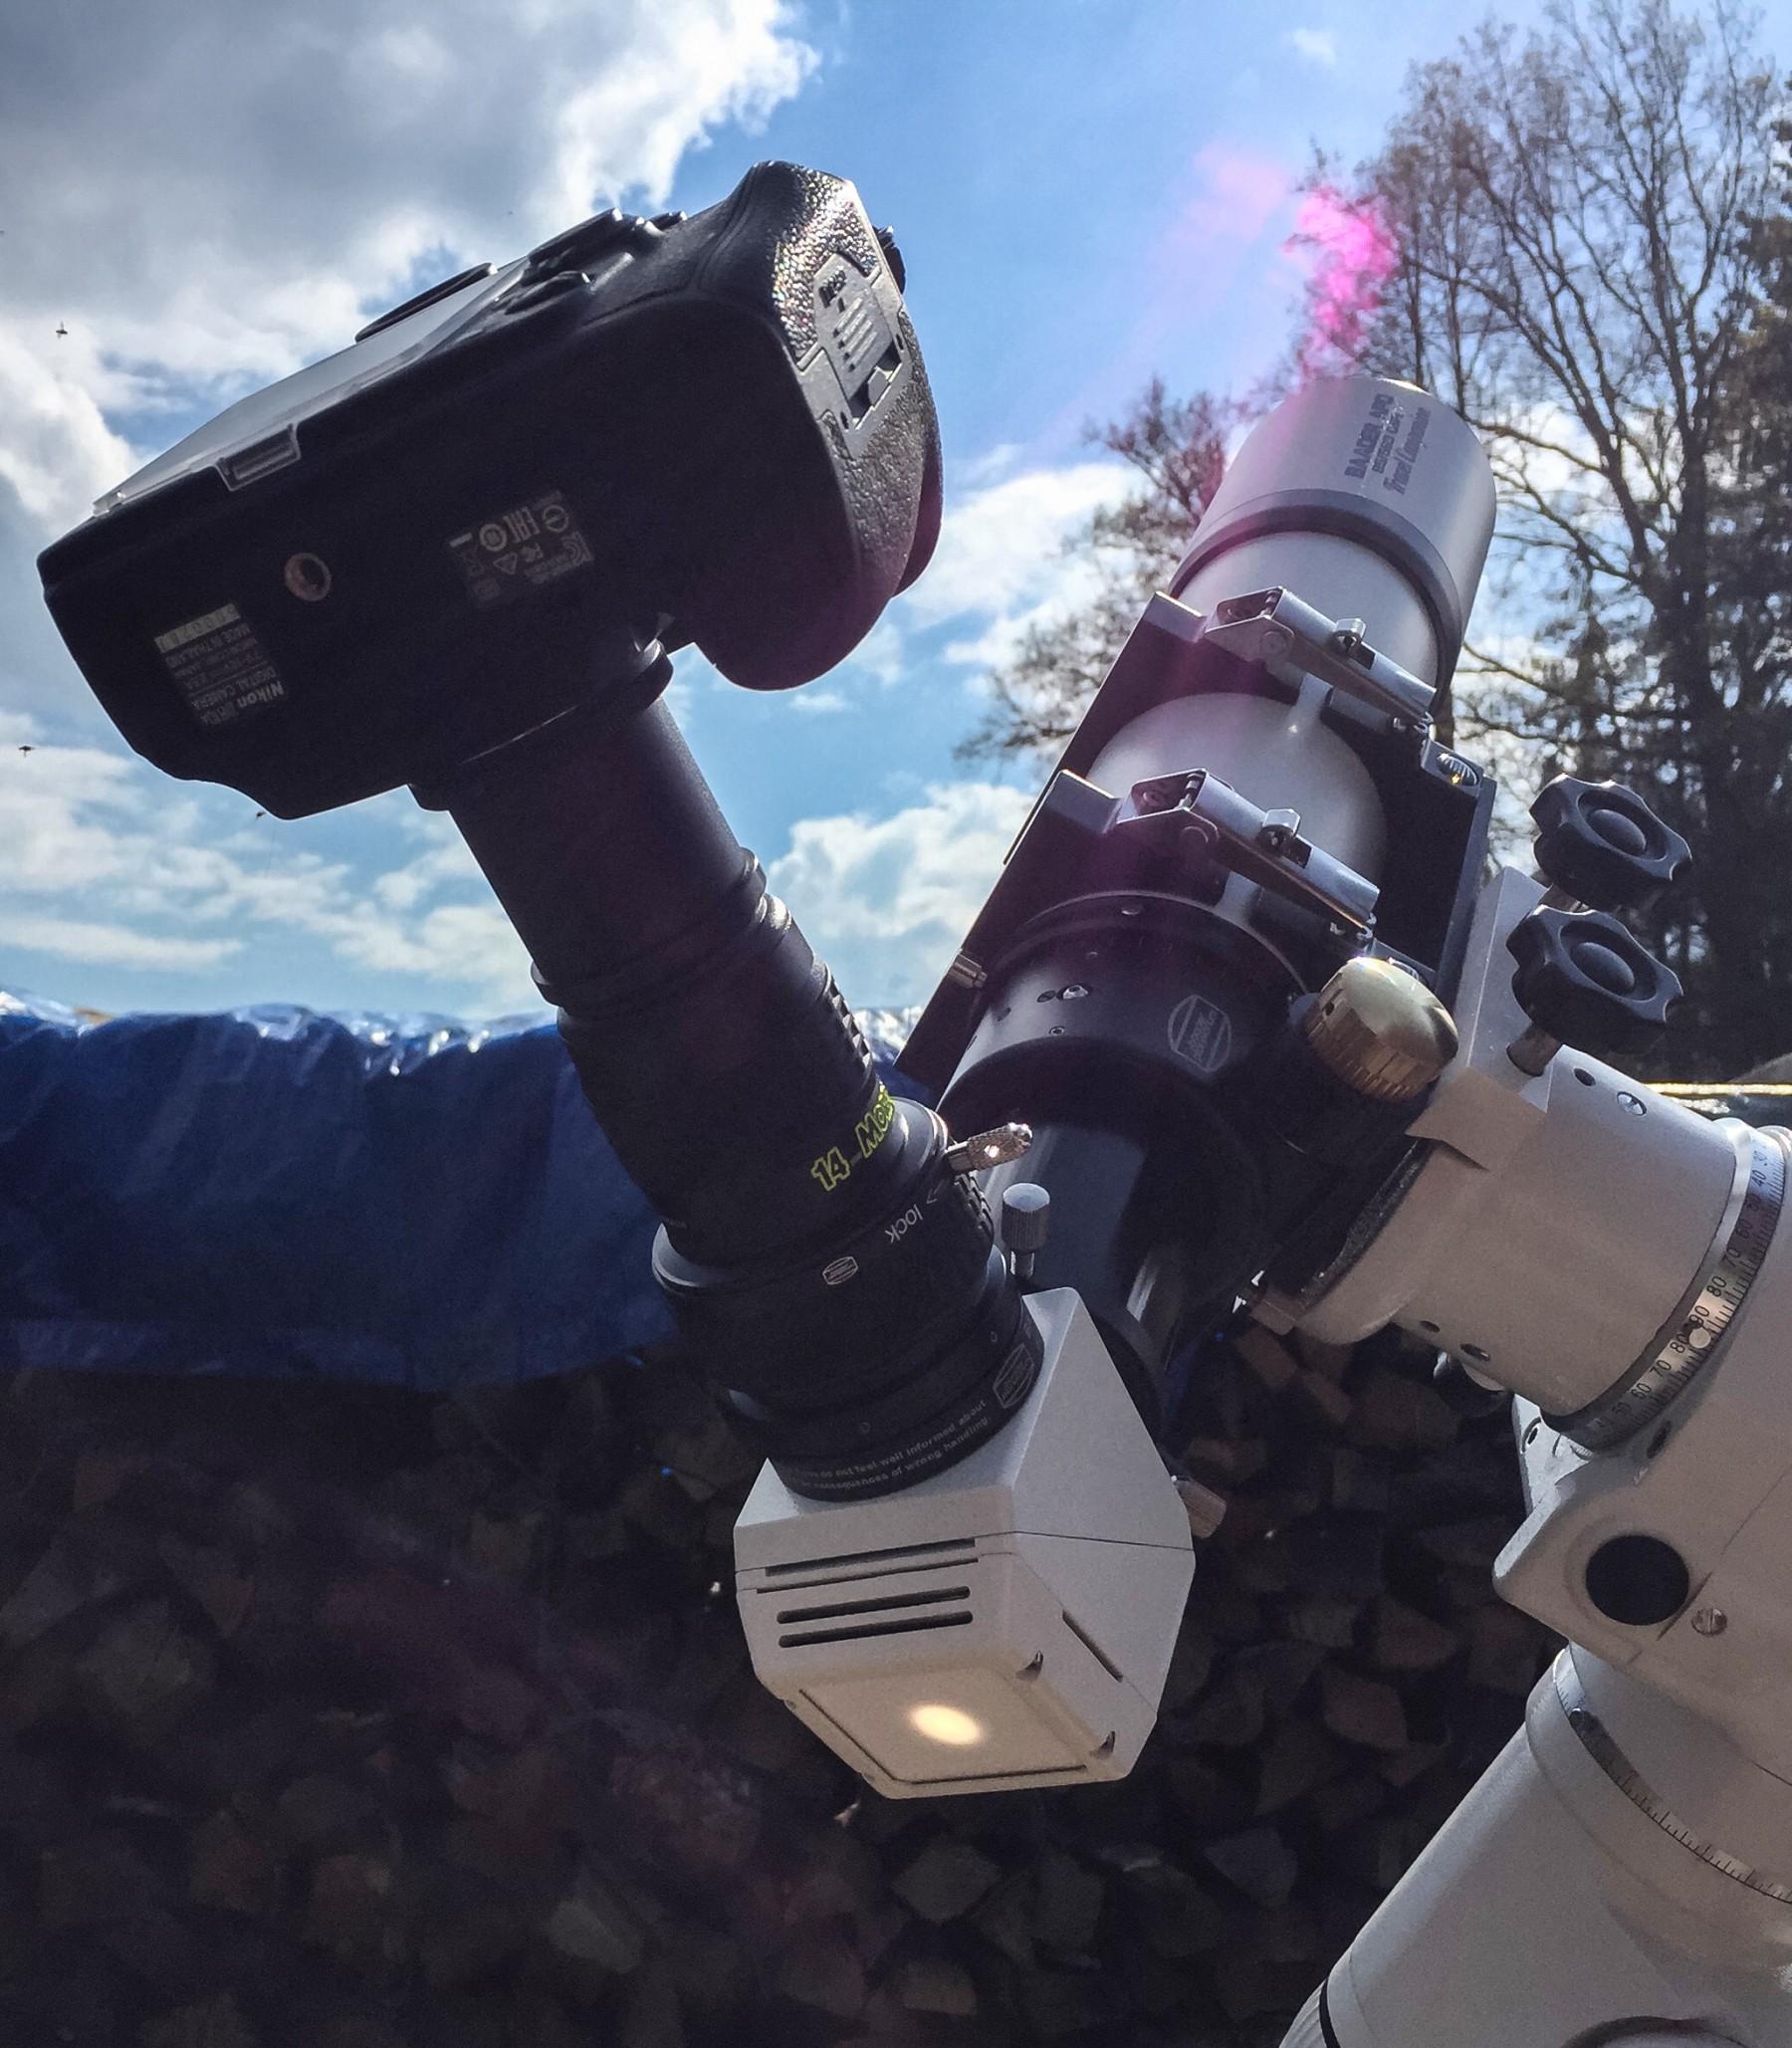 Anwendungsbild: Baader APO mit Safety Herschelkeil und Morpheus 14mm zur Okularprojektion